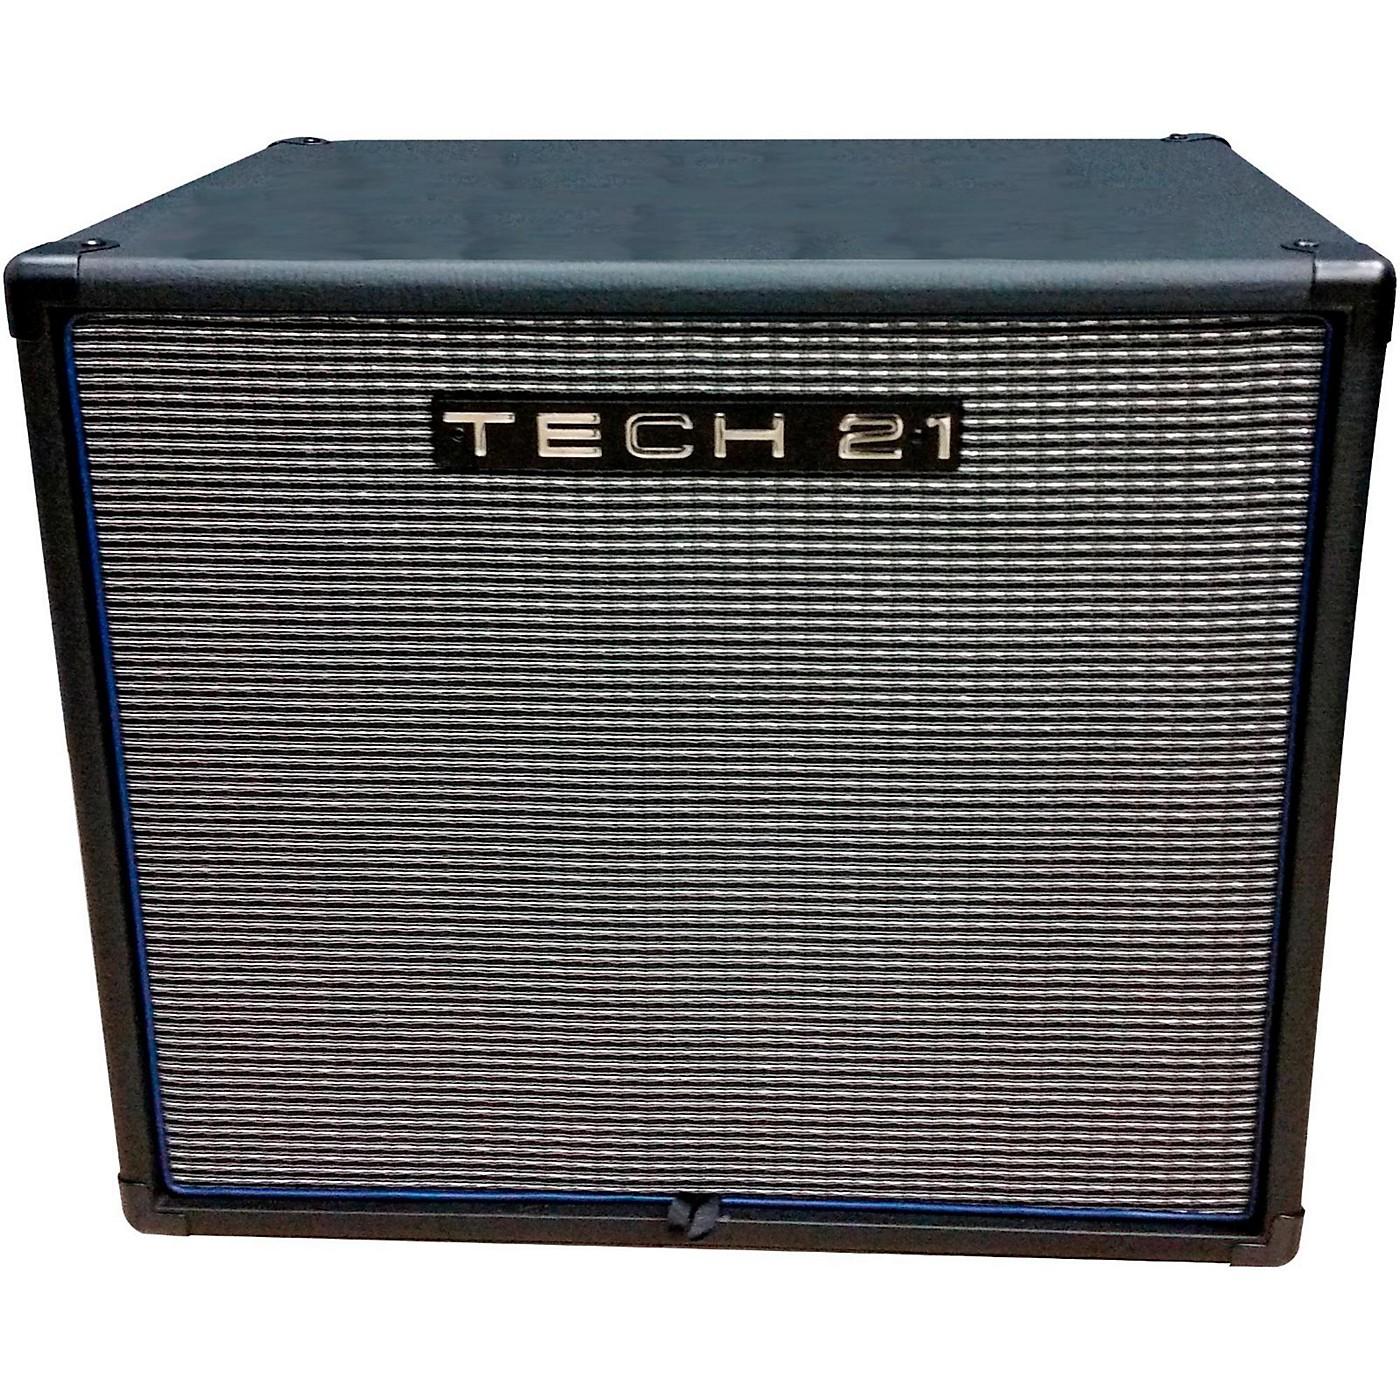 Tech 21 VT 1x12 Bass Speaker Cabinet thumbnail